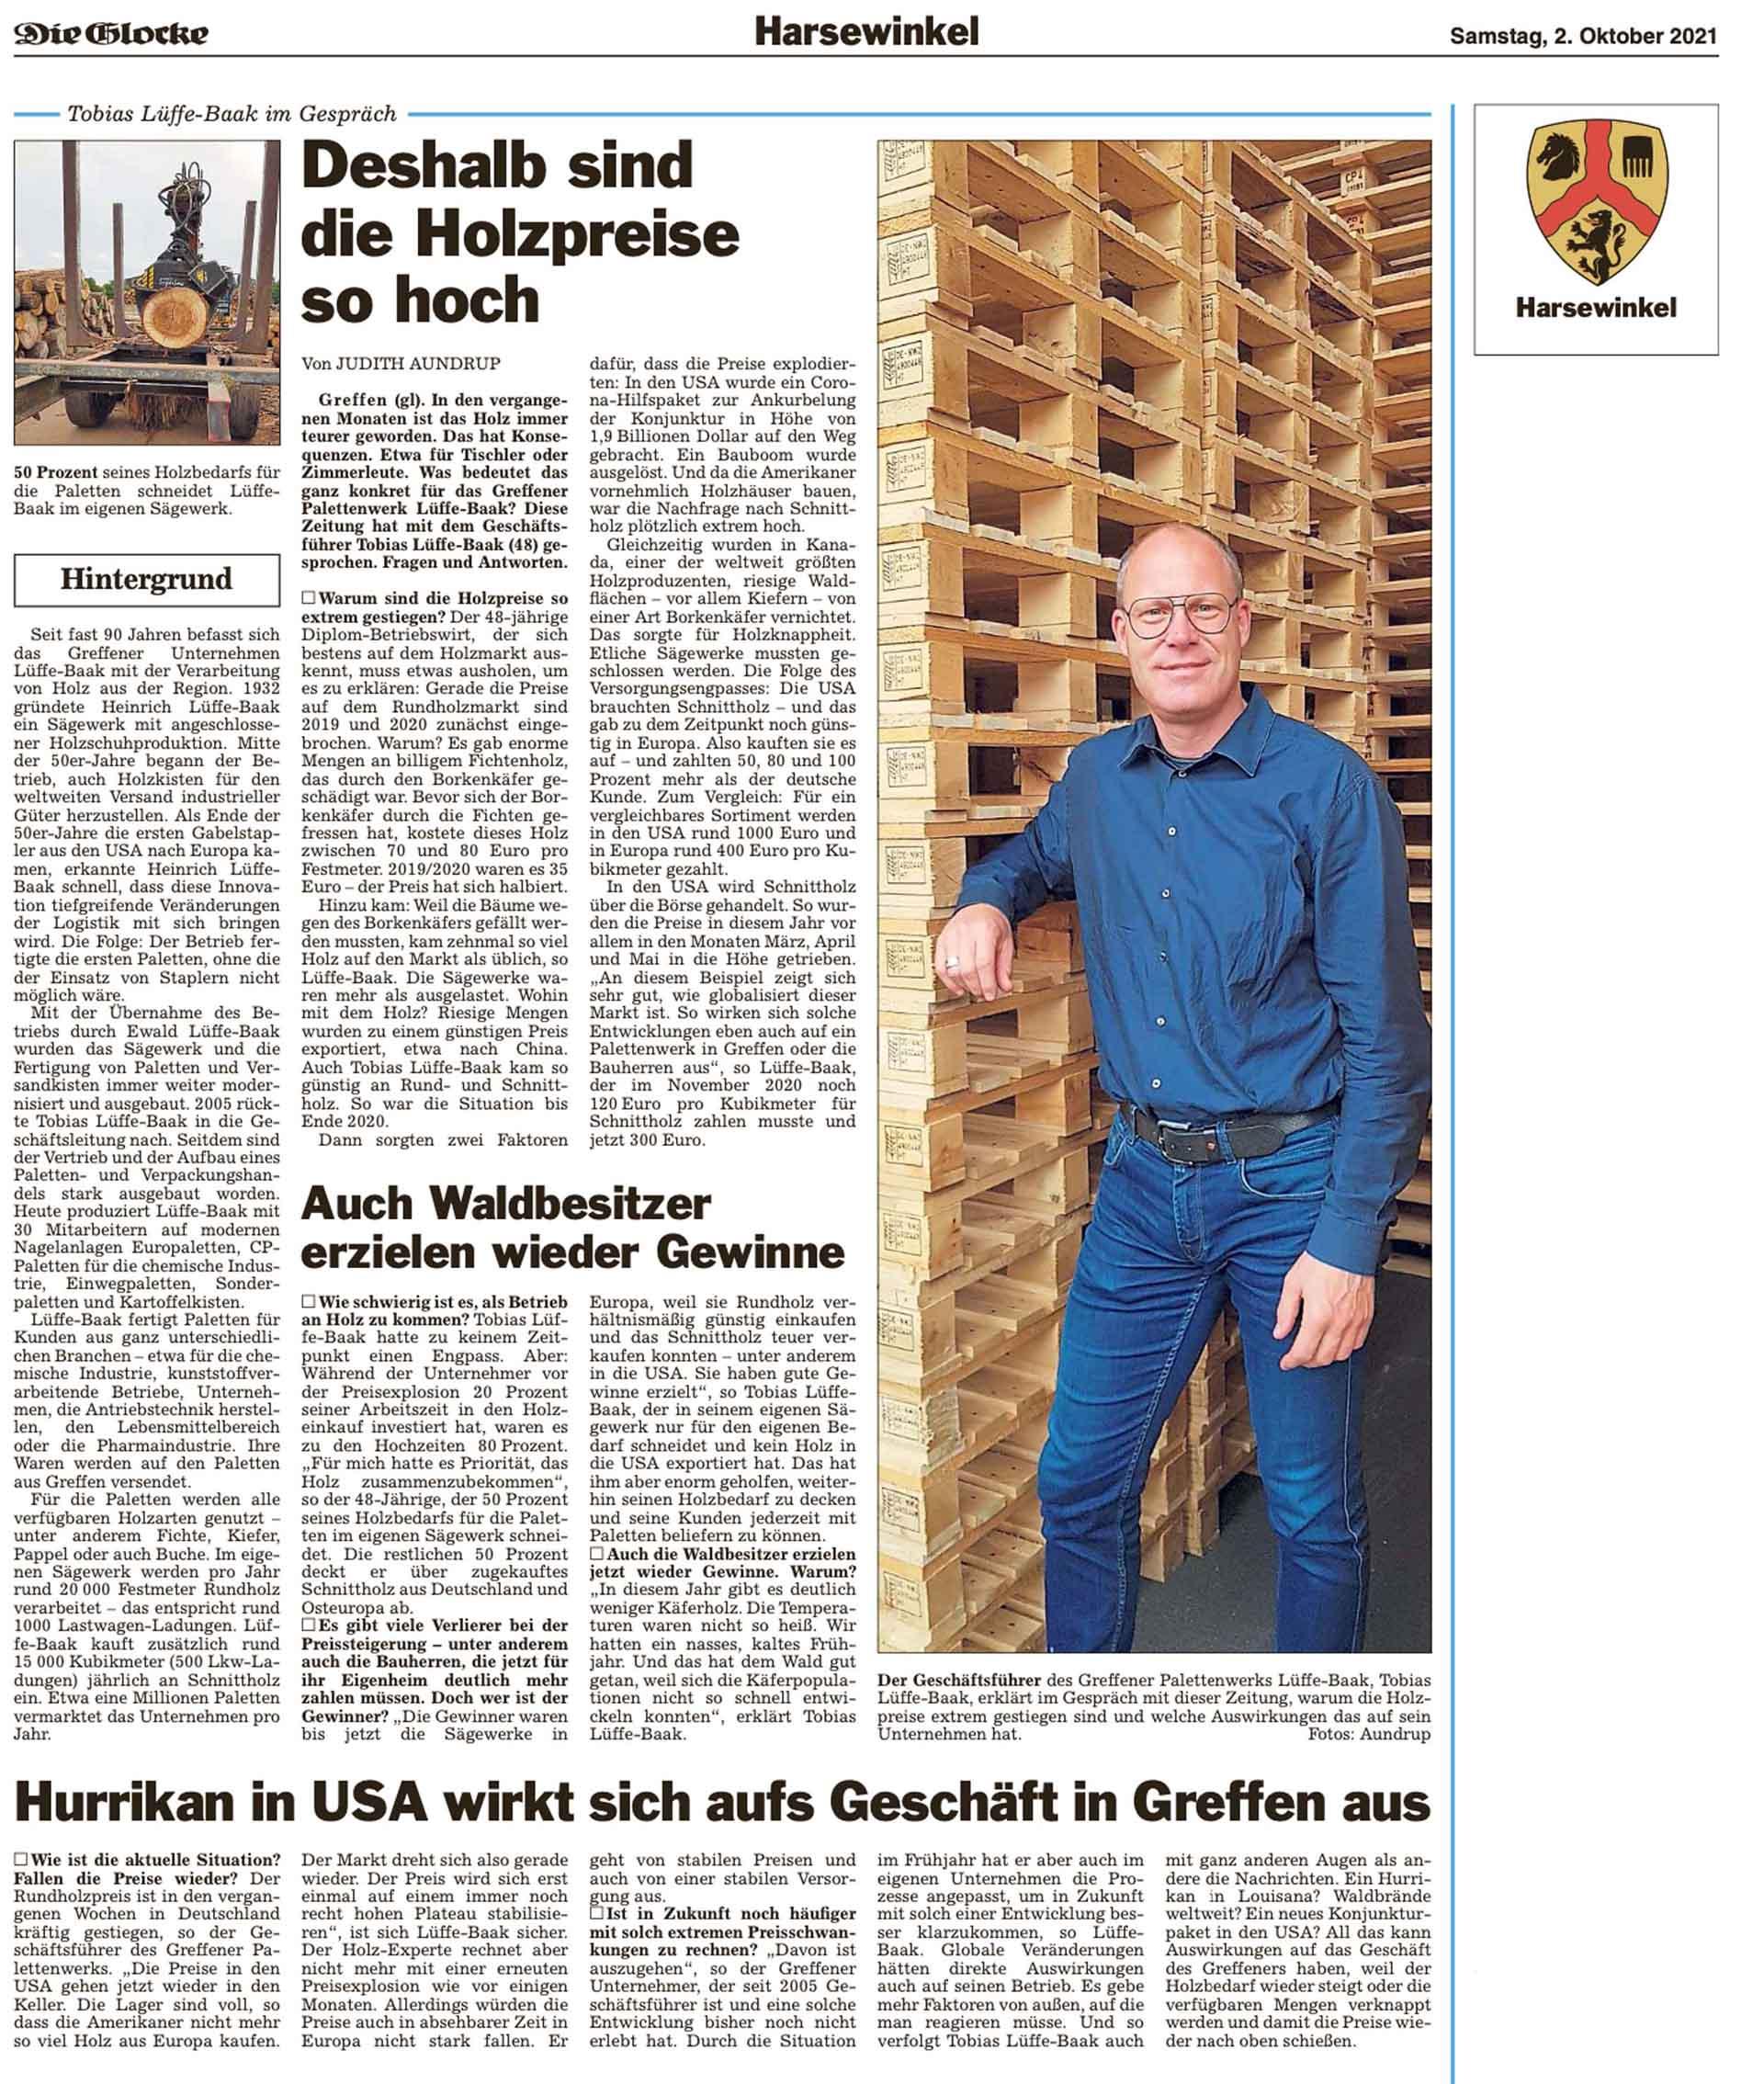 Deshalb sind die Holzpreise so hoch - Tobias Lüffe-Baak im Gespräch